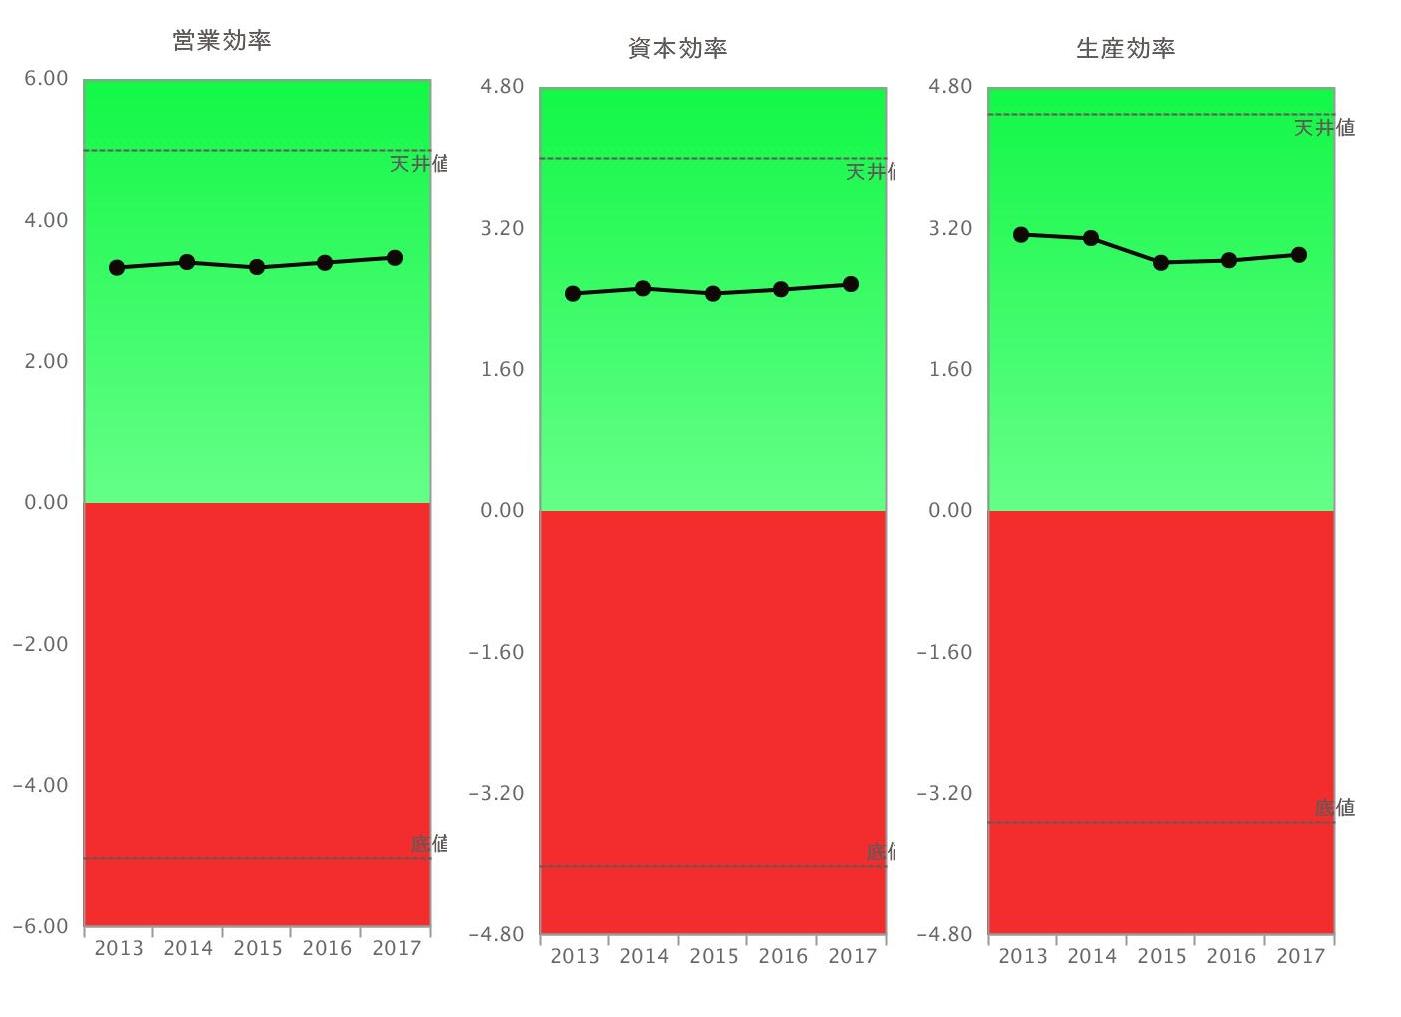 阪神電鉄営業効率・資本効率・生産効率